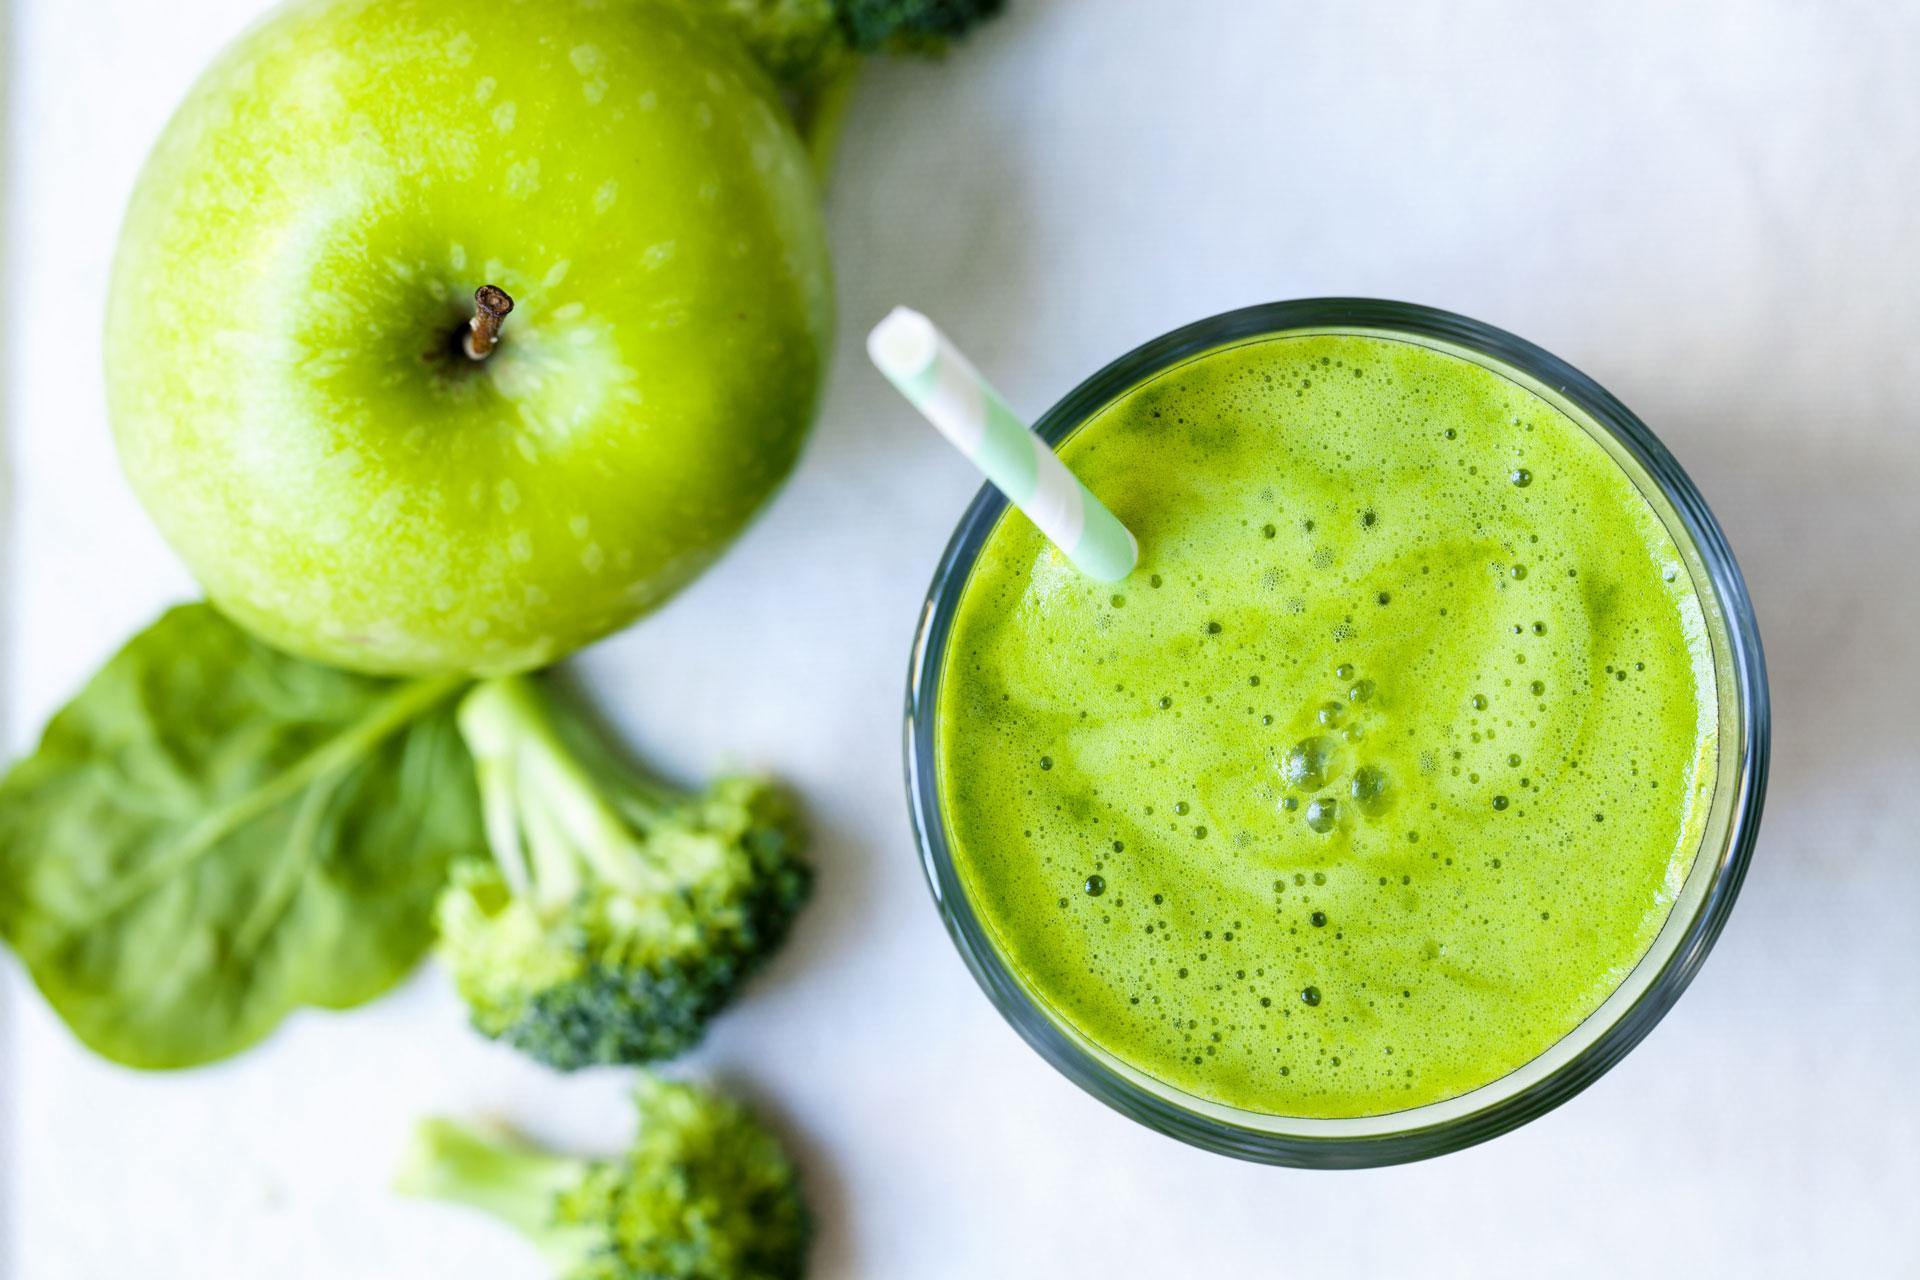 ¡Conoce las maravillas de los jugos verdes!